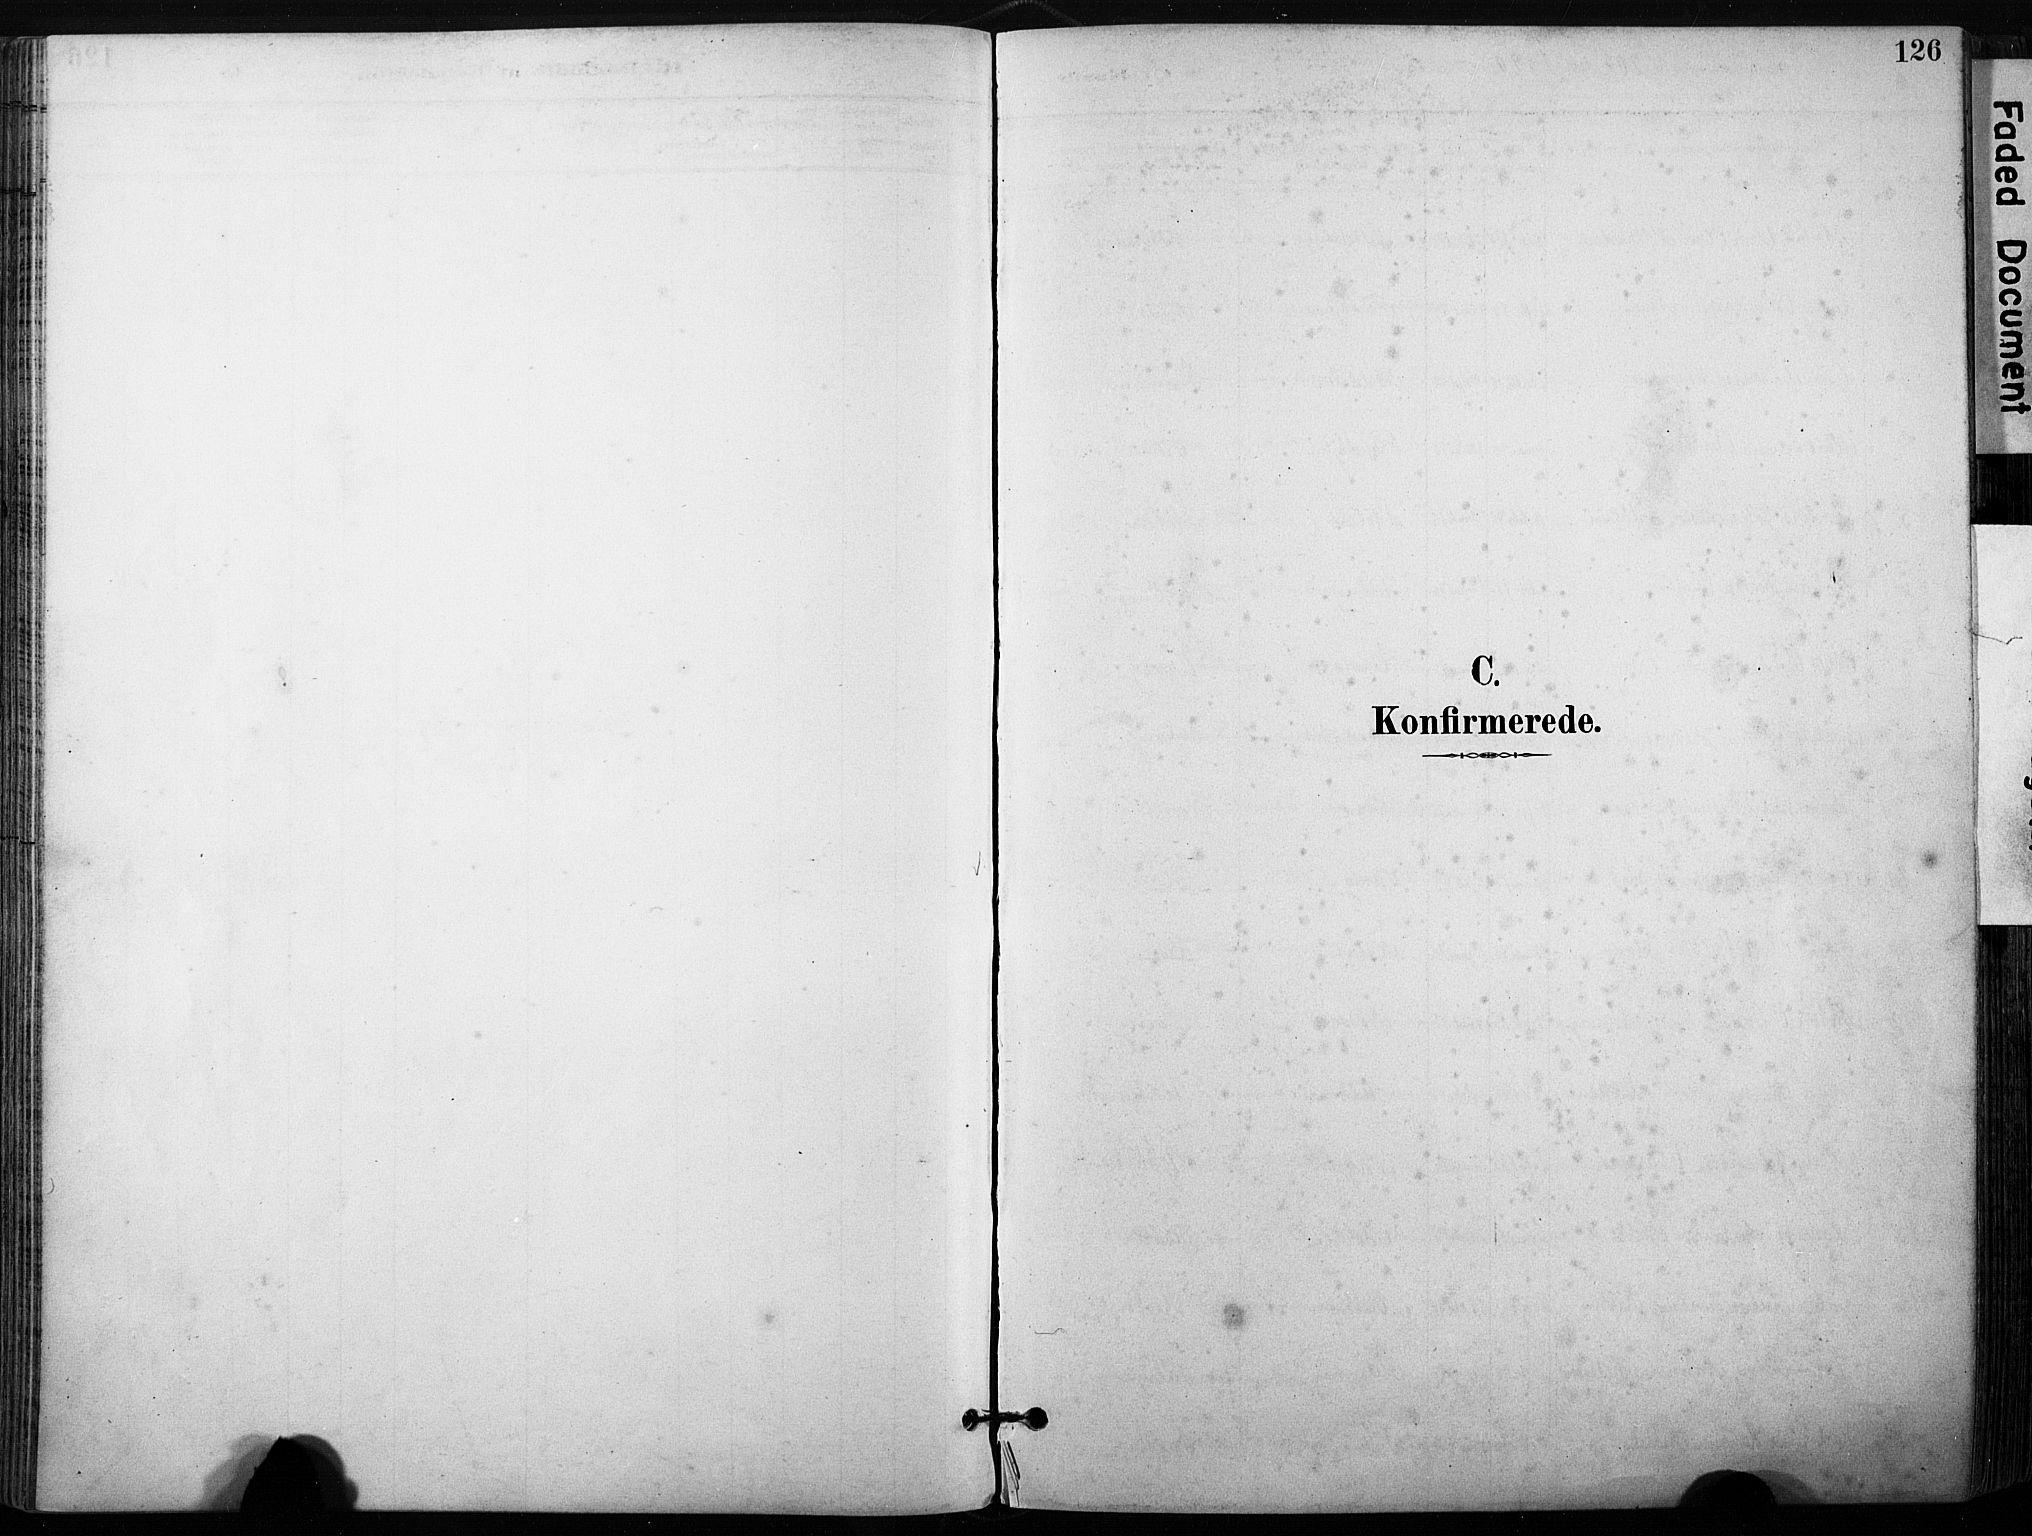 SAT, Ministerialprotokoller, klokkerbøker og fødselsregistre - Sør-Trøndelag, 640/L0579: Ministerialbok nr. 640A04, 1889-1902, s. 126